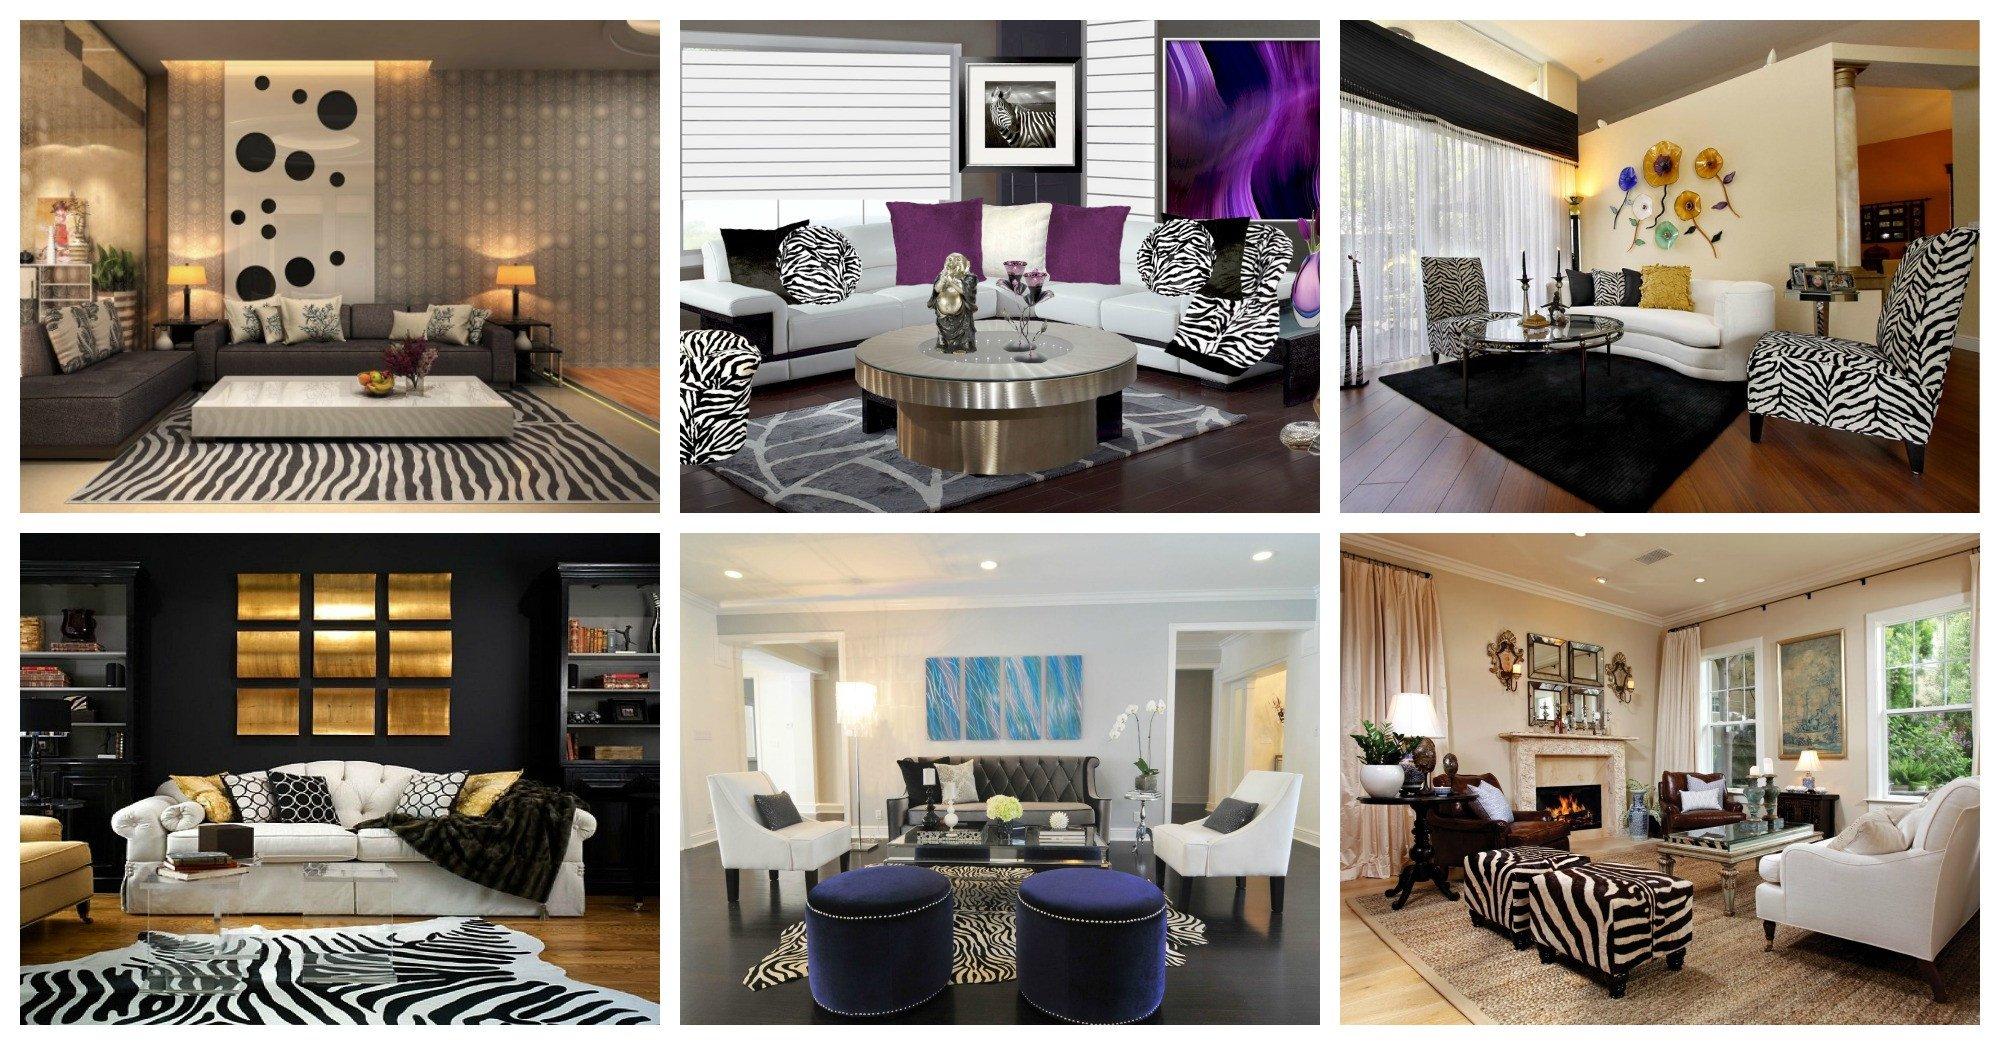 Zebra Decor for Living Room Lovely Dramatic Zebra Living Room Decoration Ideas